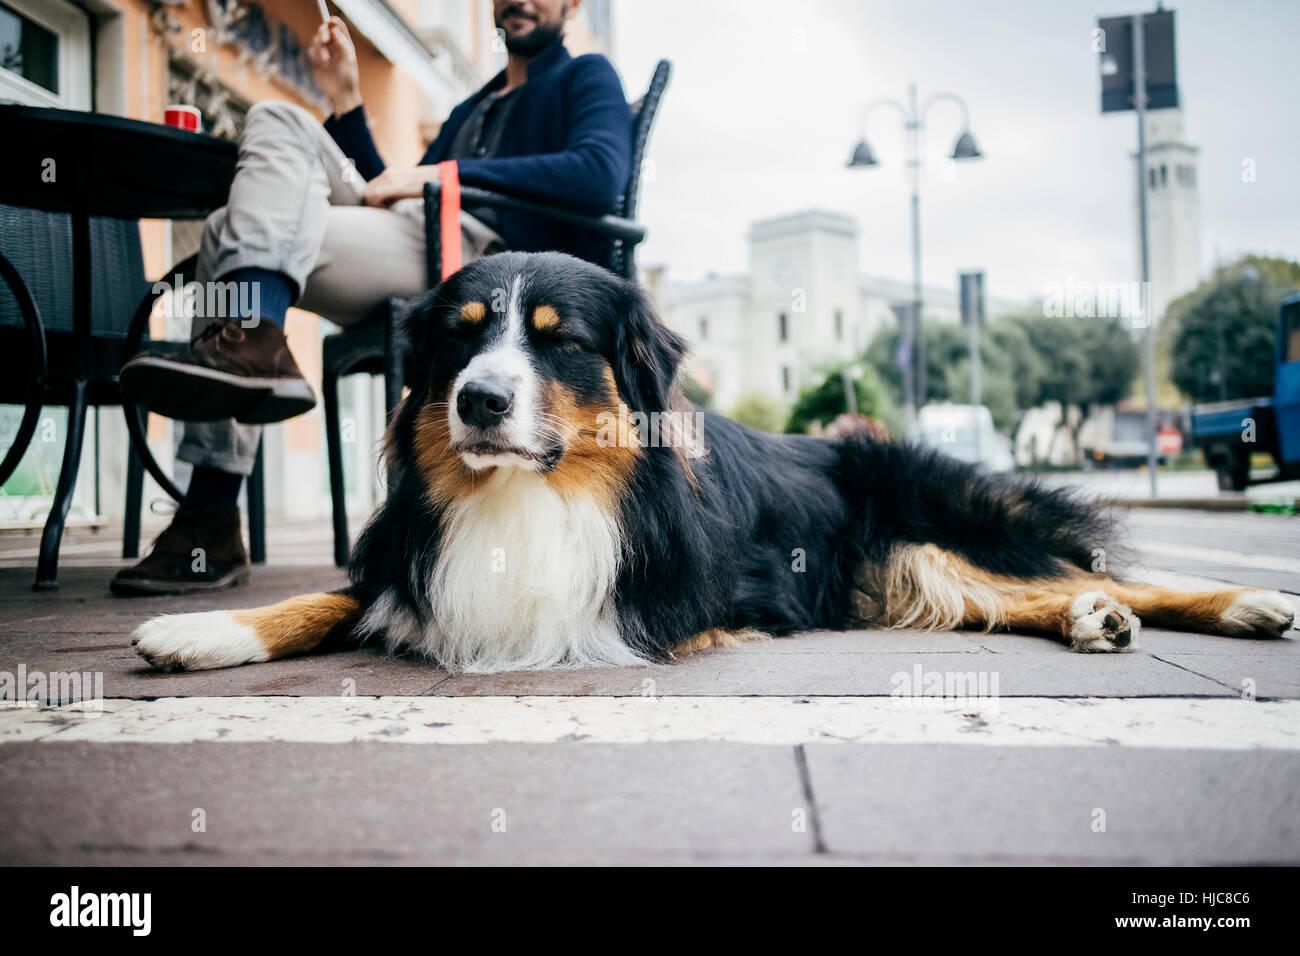 Retrato de perro acostado esperando al café en la acera Imagen De Stock